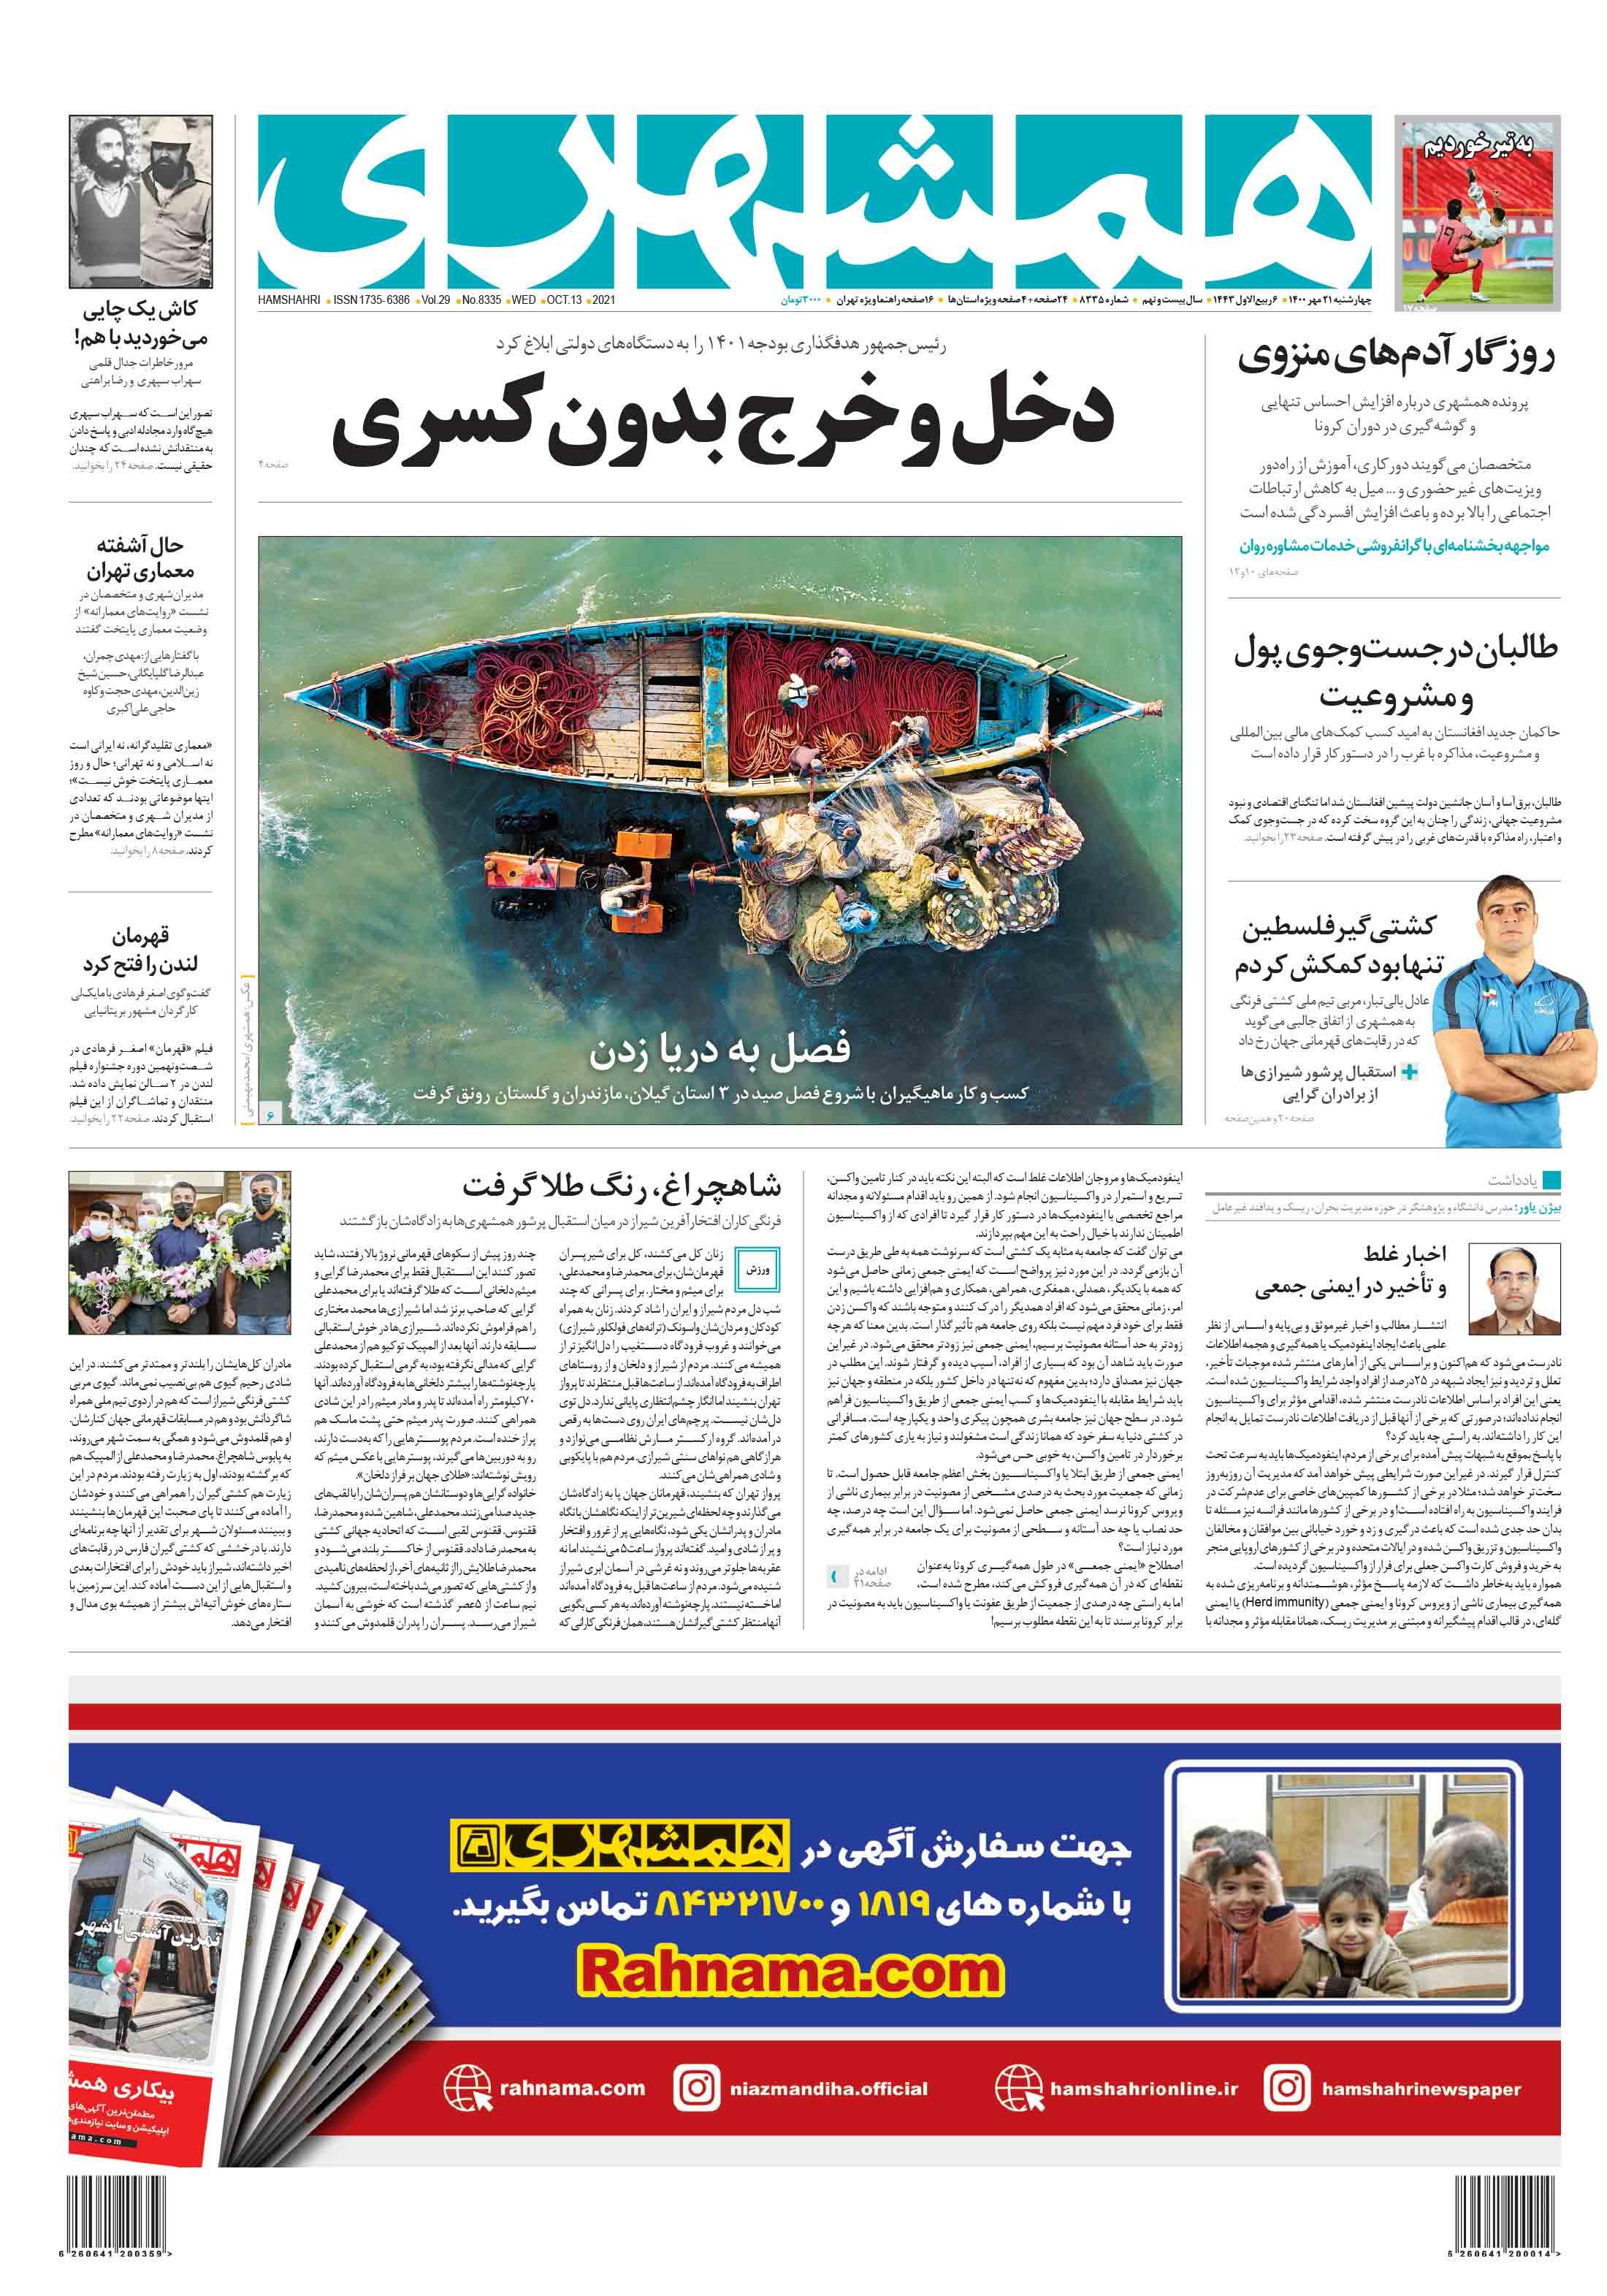 صفحه اول چهارشنبه 21 مهر 1400